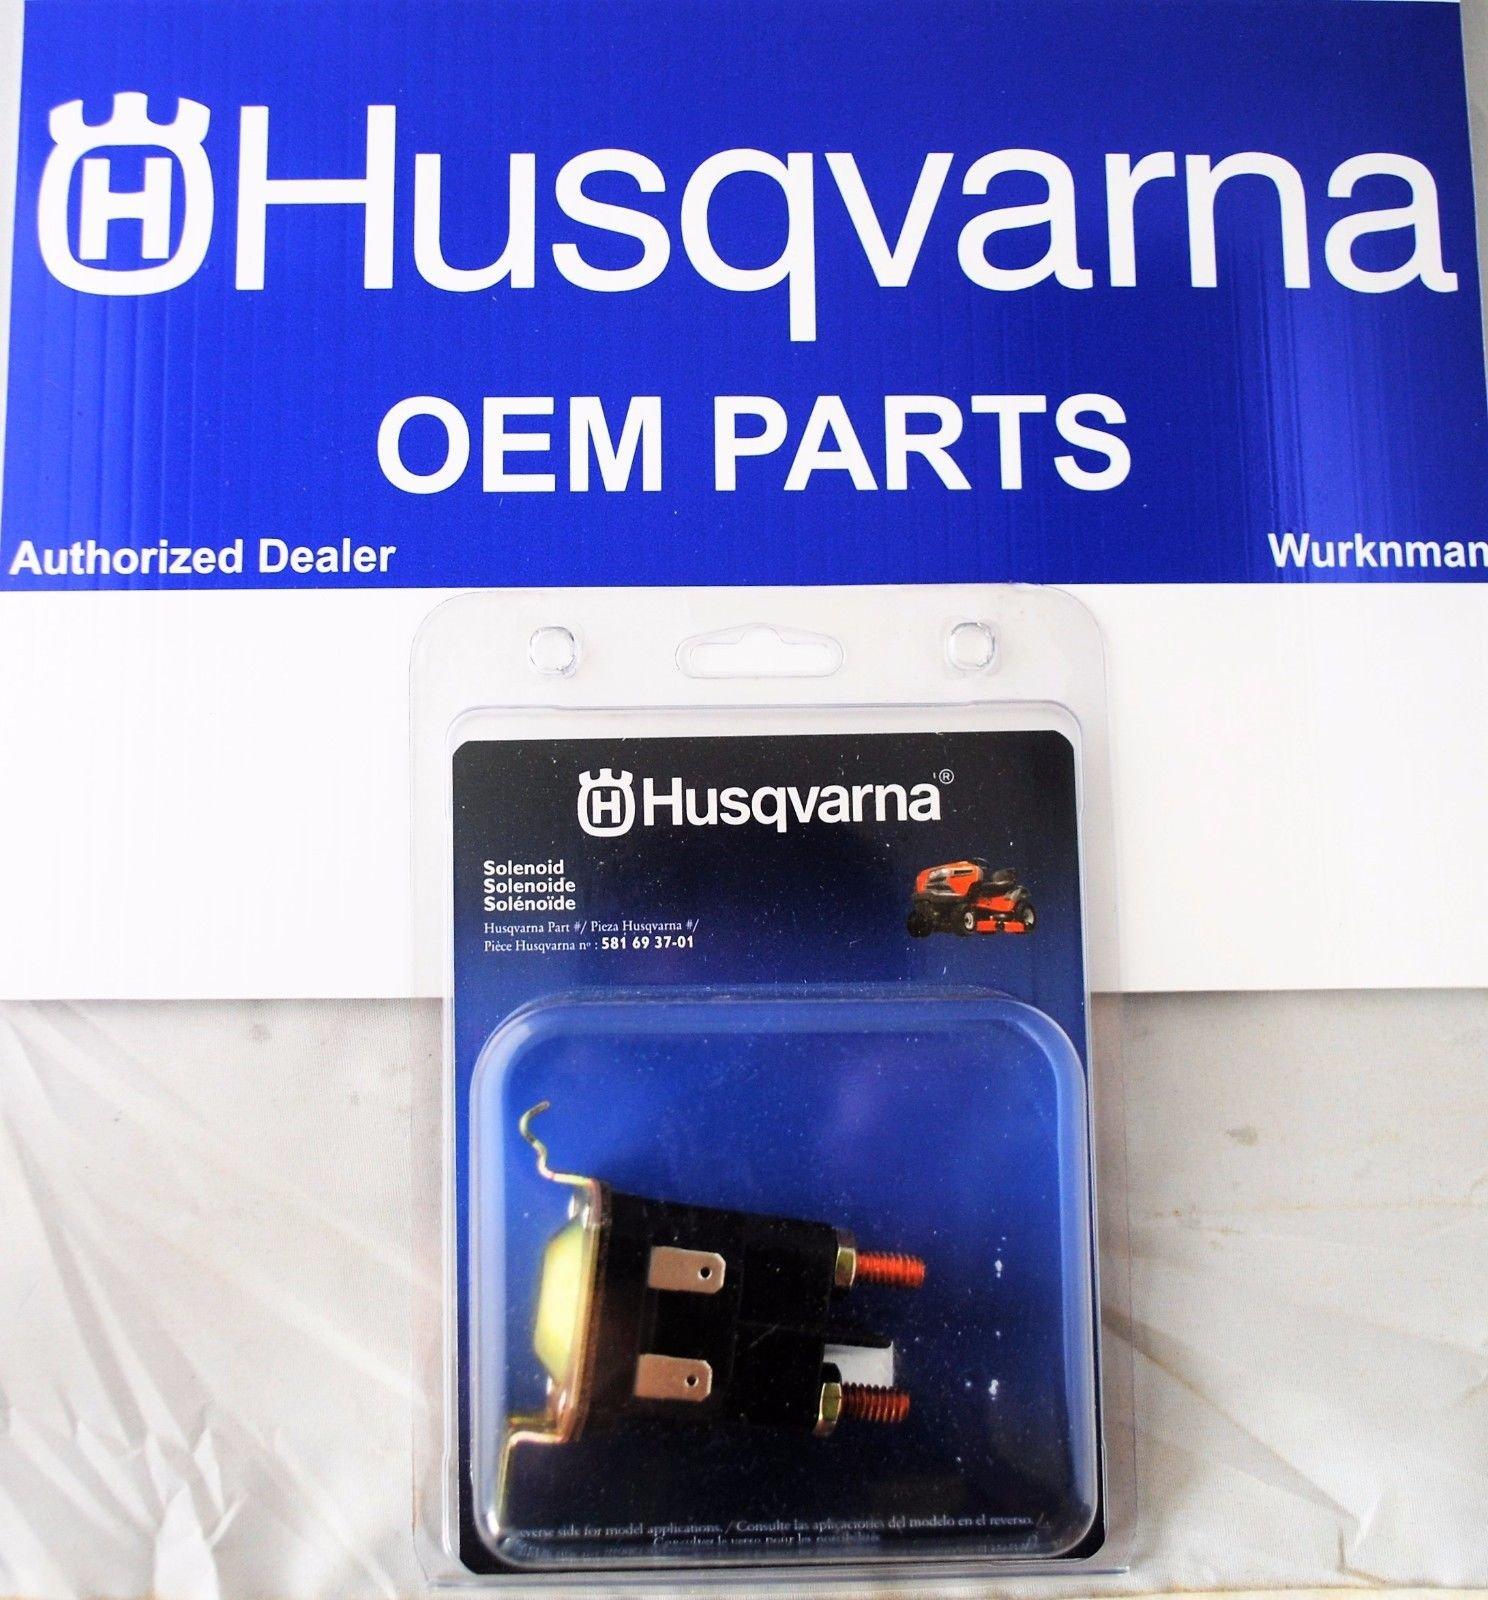 Husqvarna Oem Starter Solenoid 581693701 Rp 532192507 192507 Craftsman Poulan